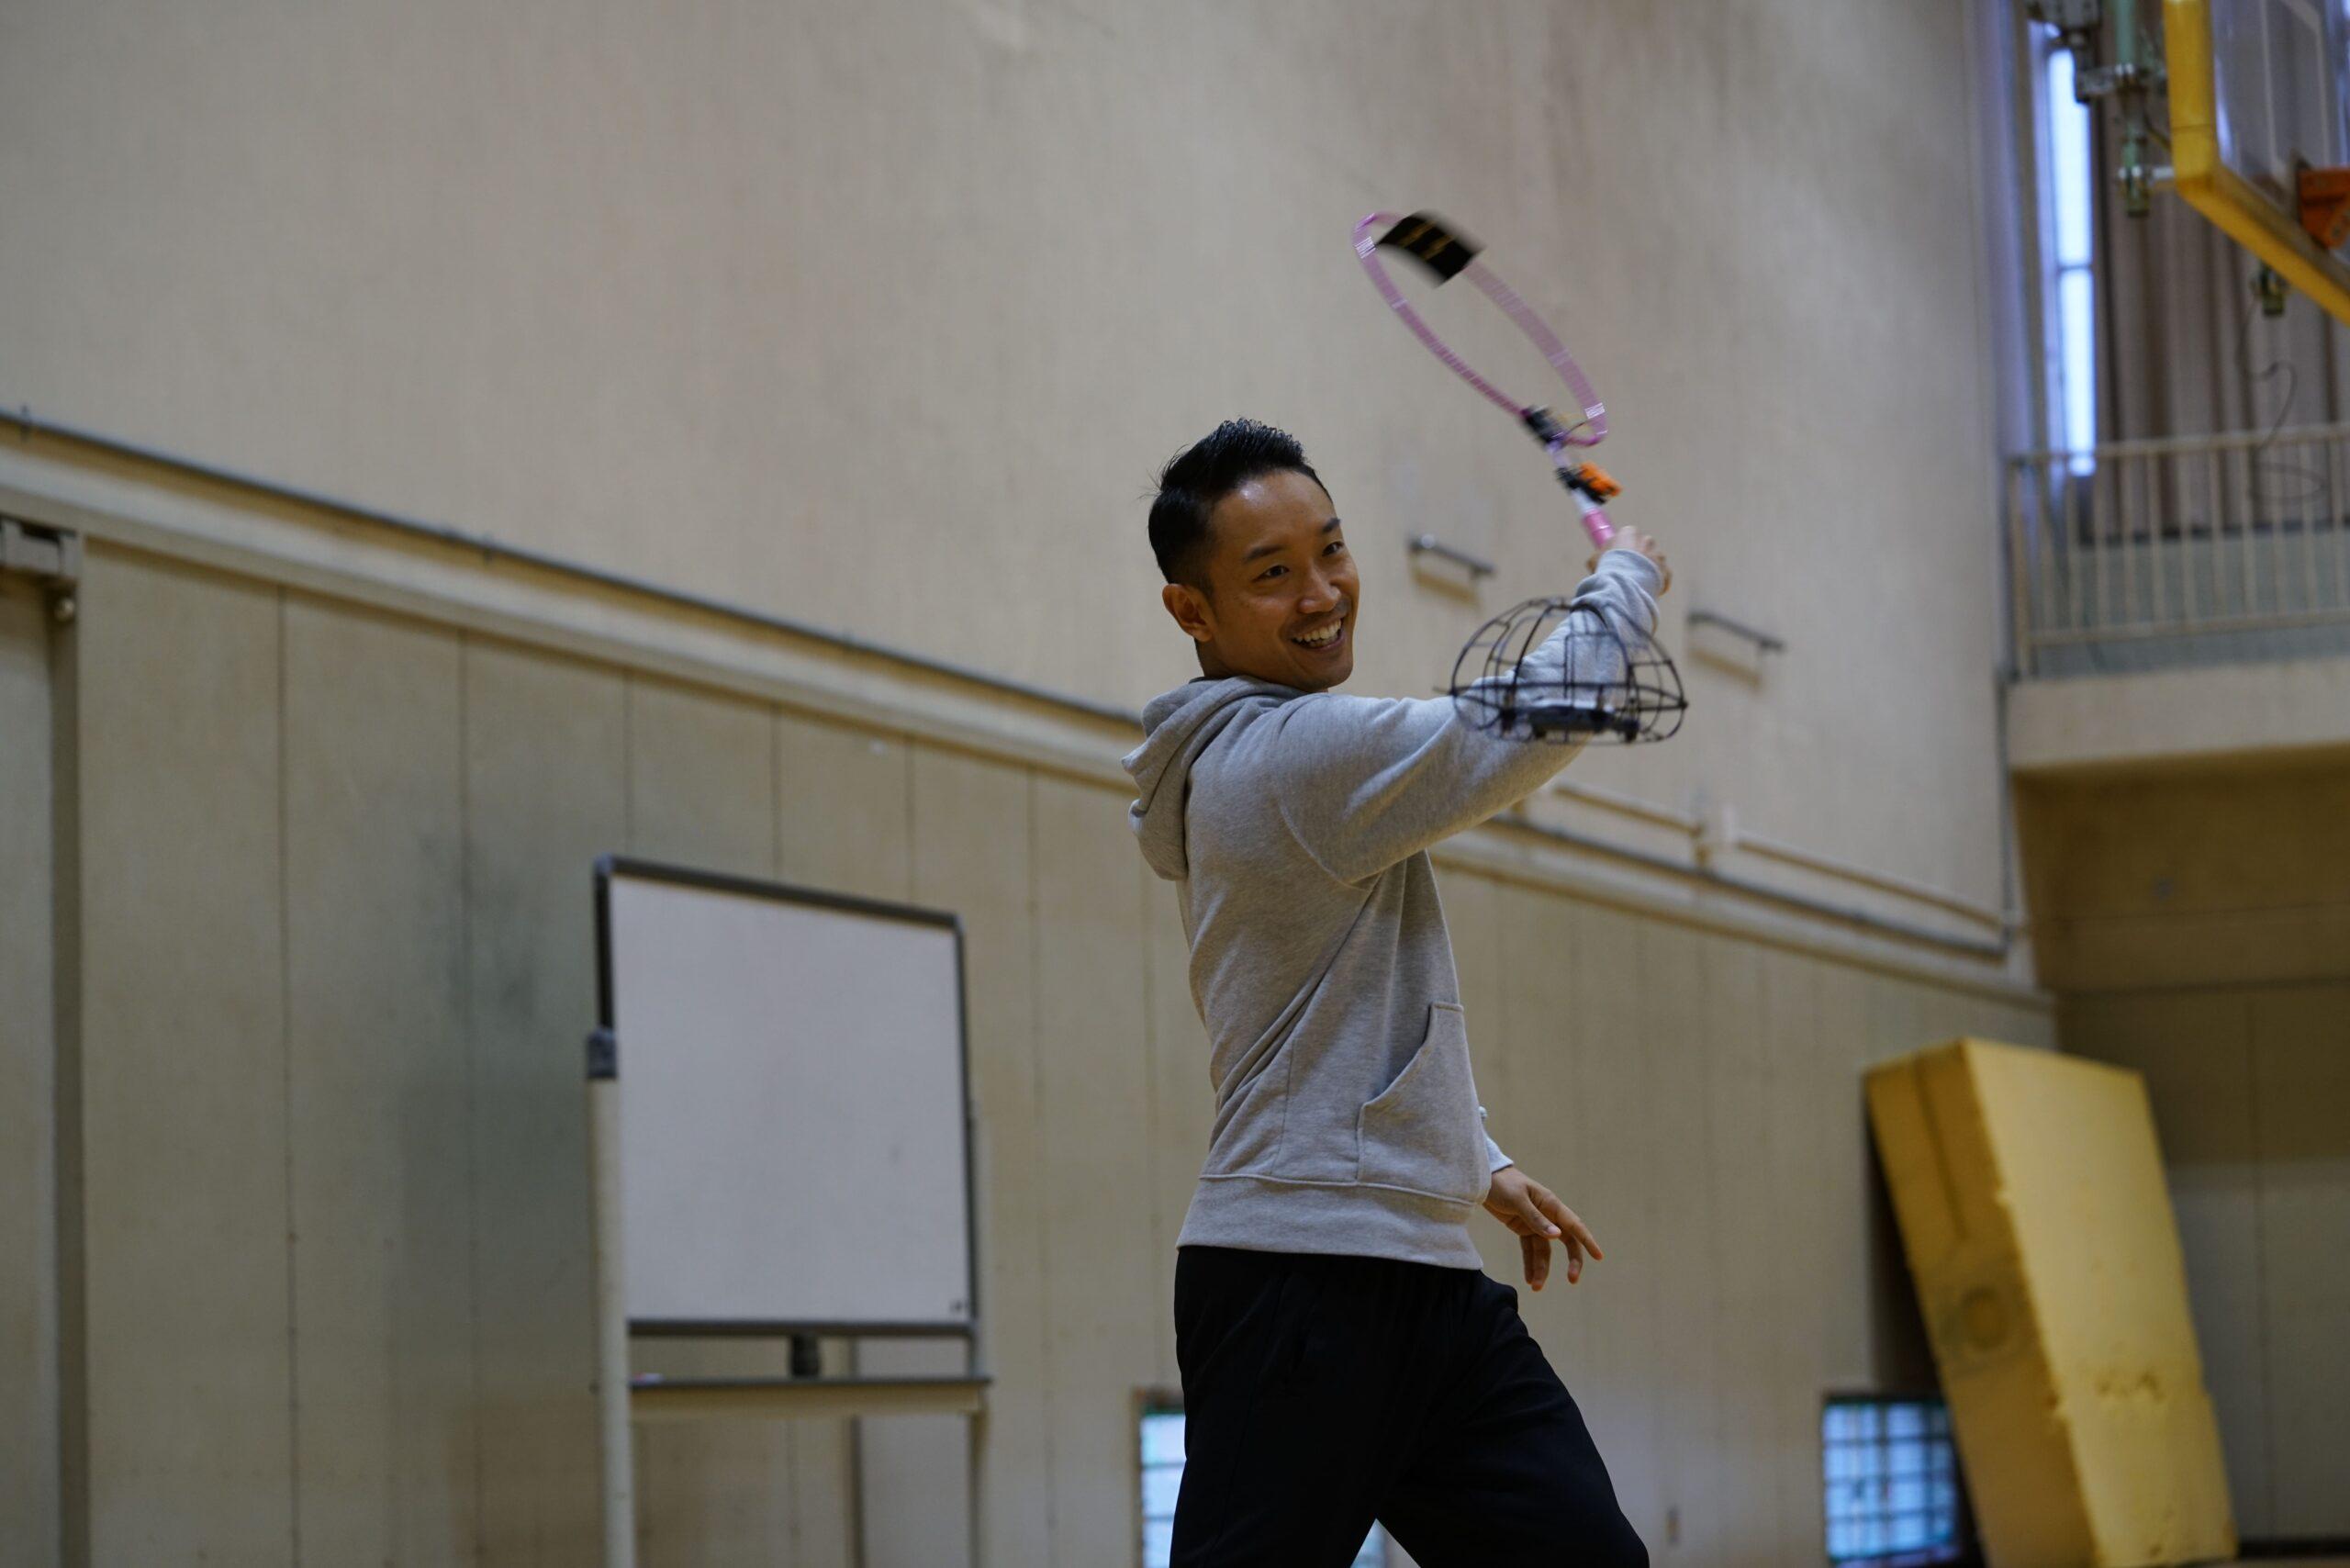 В Японии придумали бадминтон для слабовидящих, где играют дроном